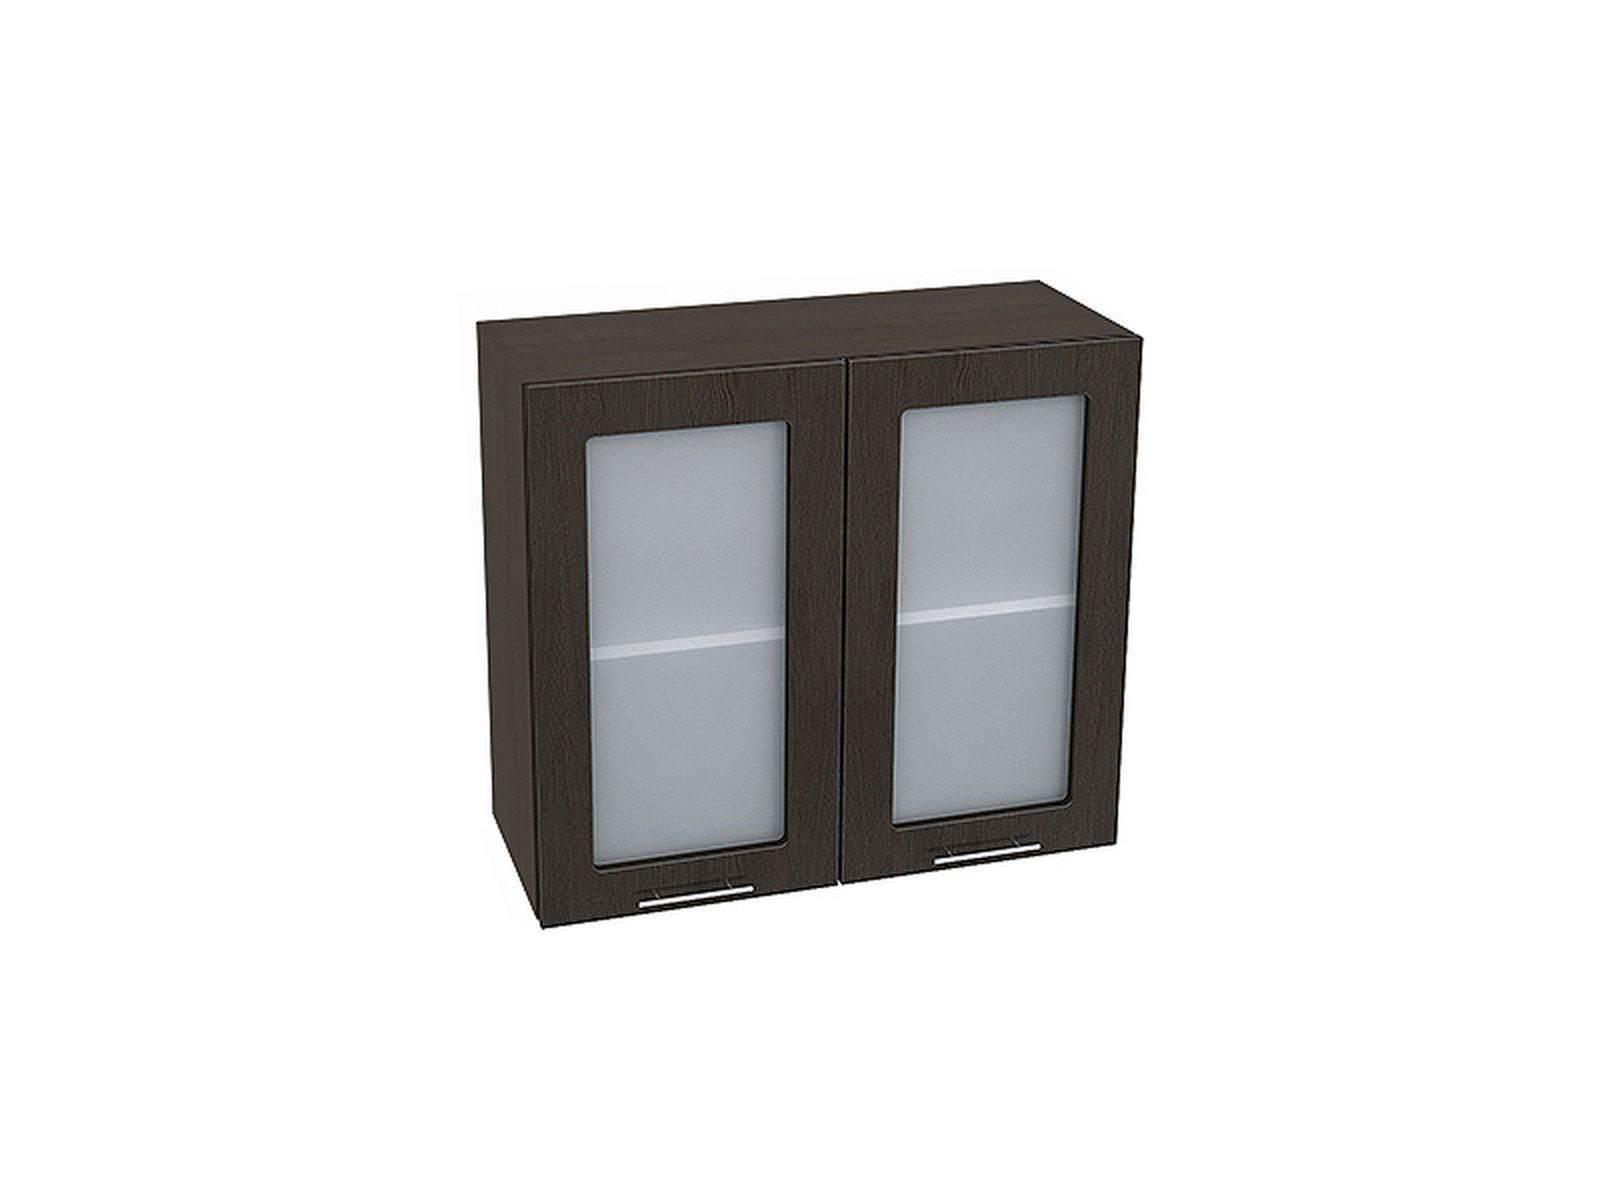 кристине выдали шкафчики навесные для кухни фото хорошо строчите машинке